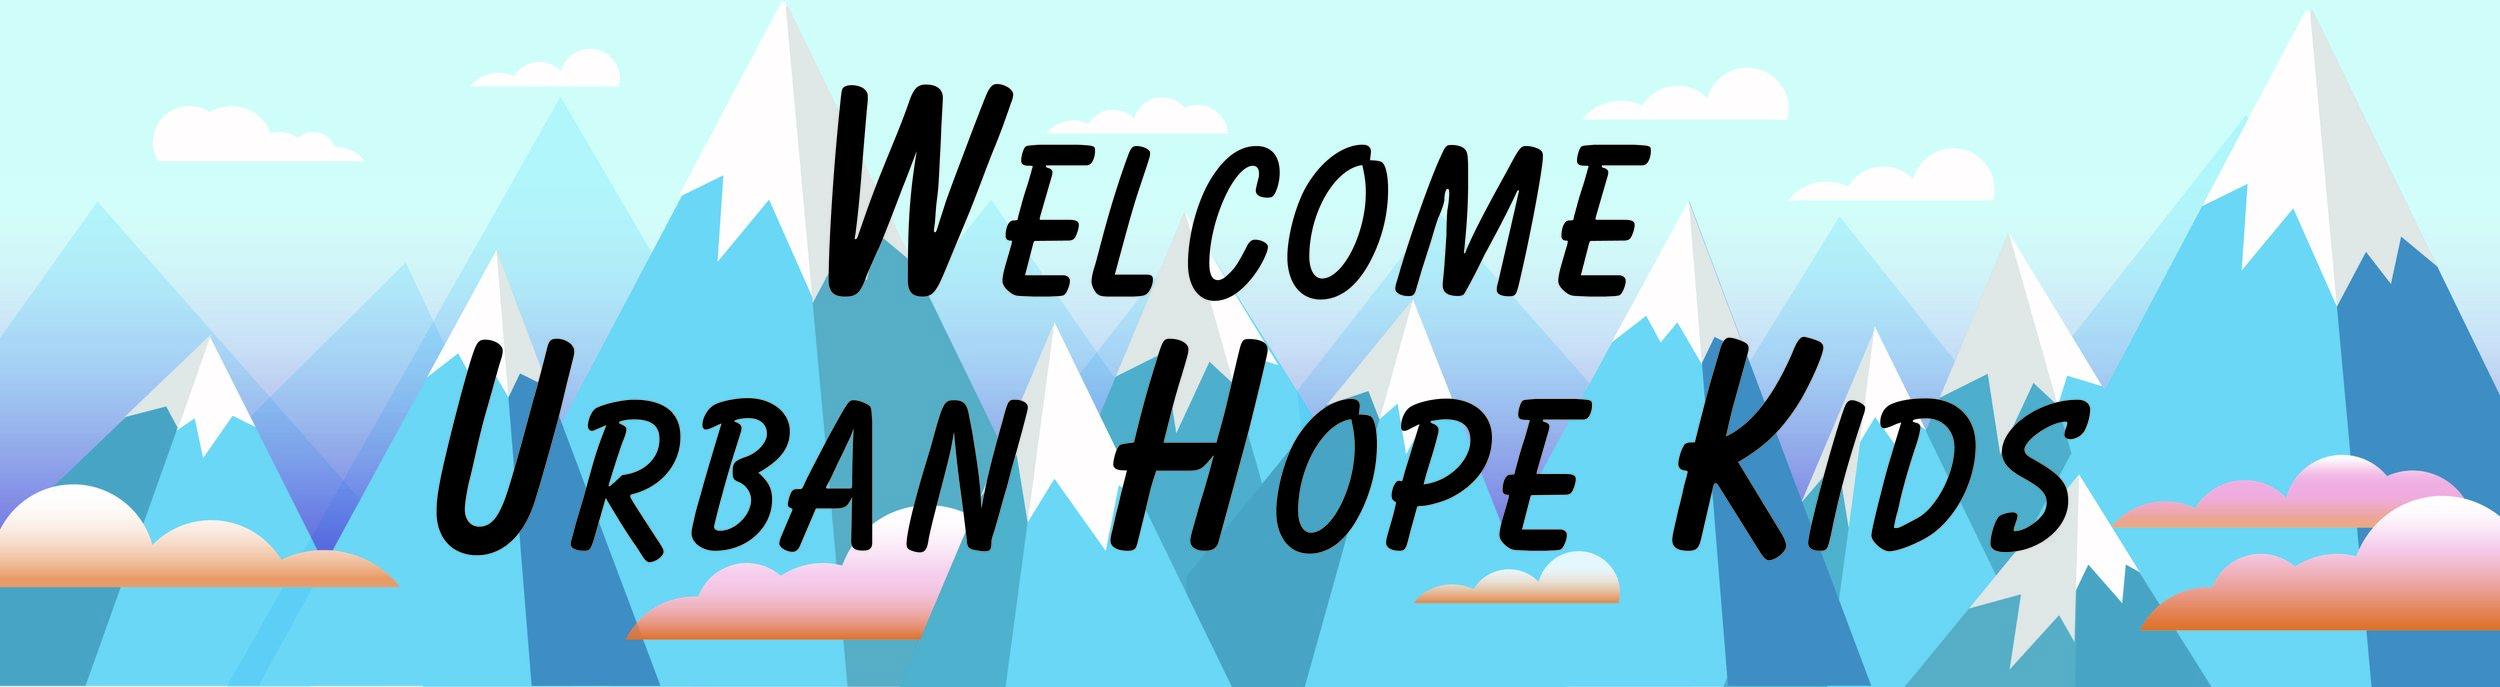 Welcom banner-01.jpg